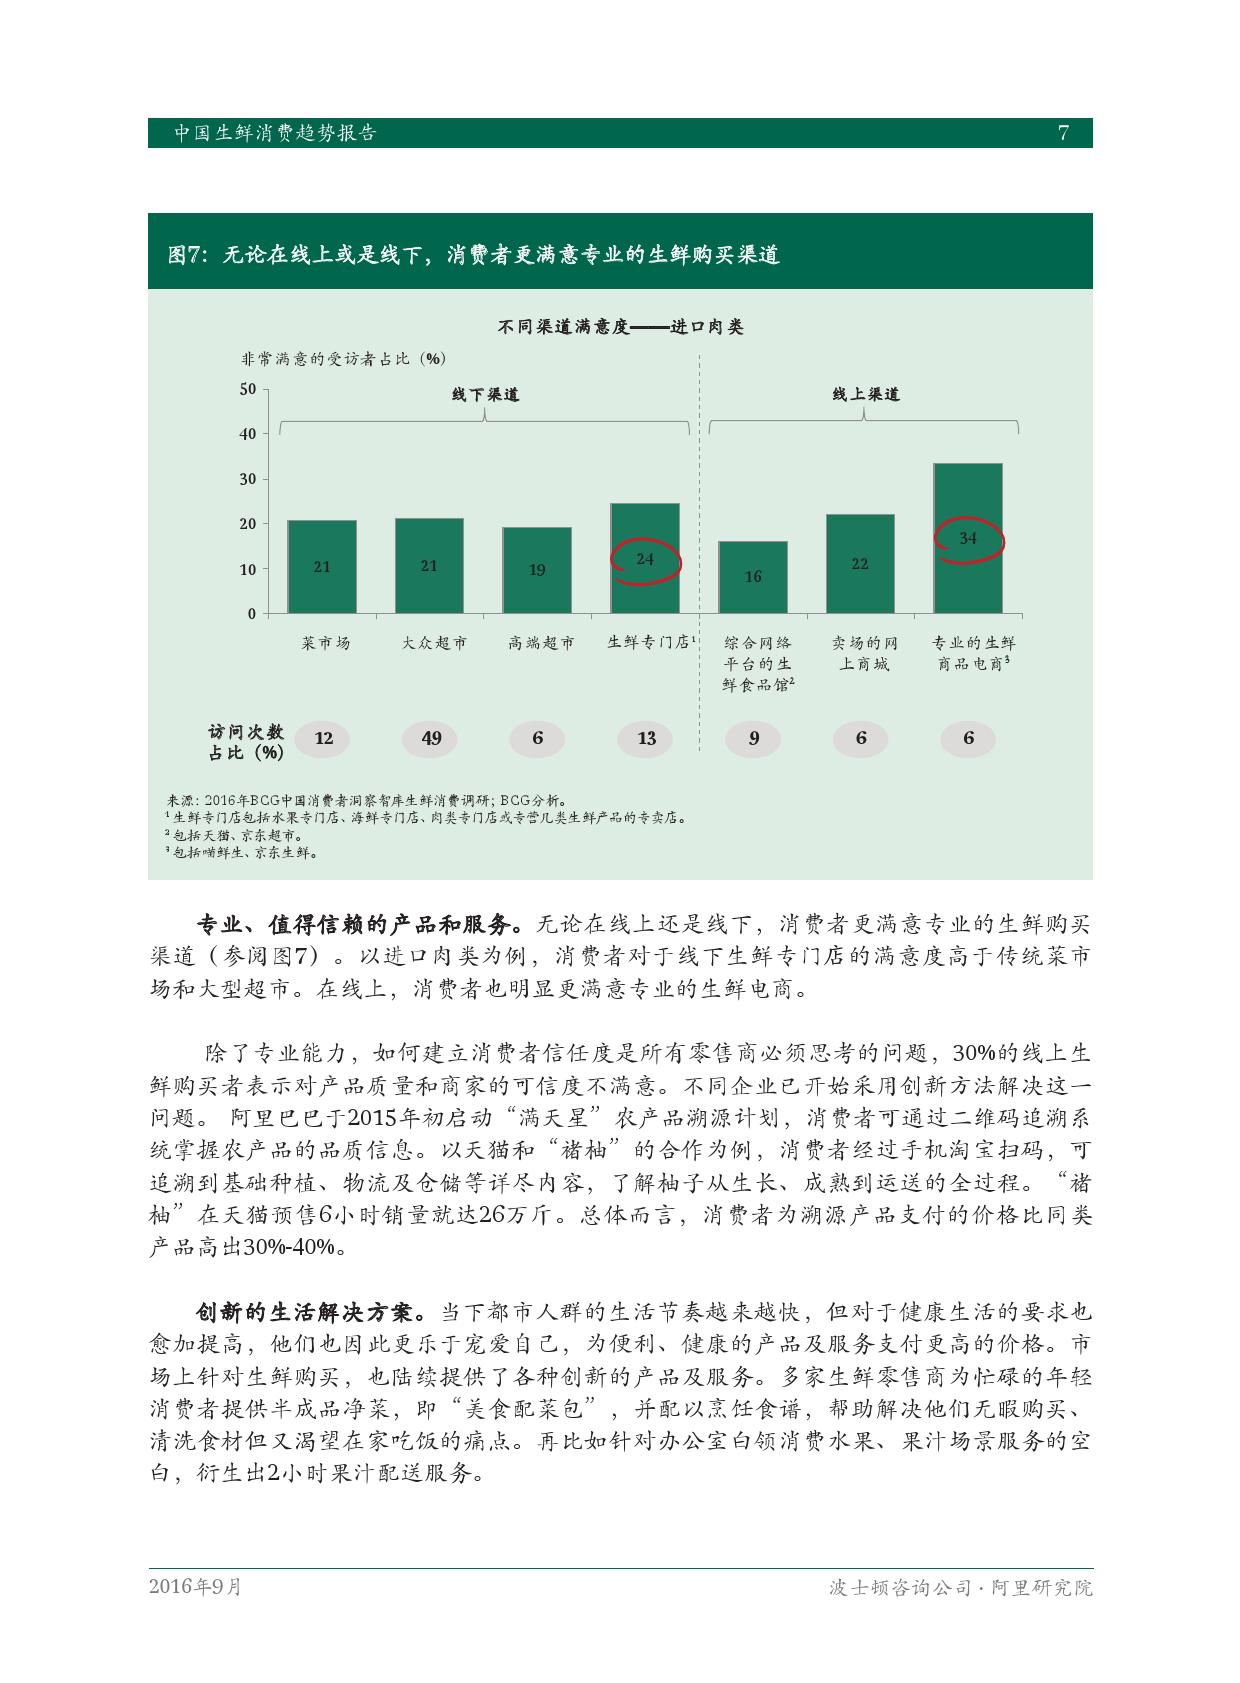 2016年中国生鲜消费趋势报告_000009